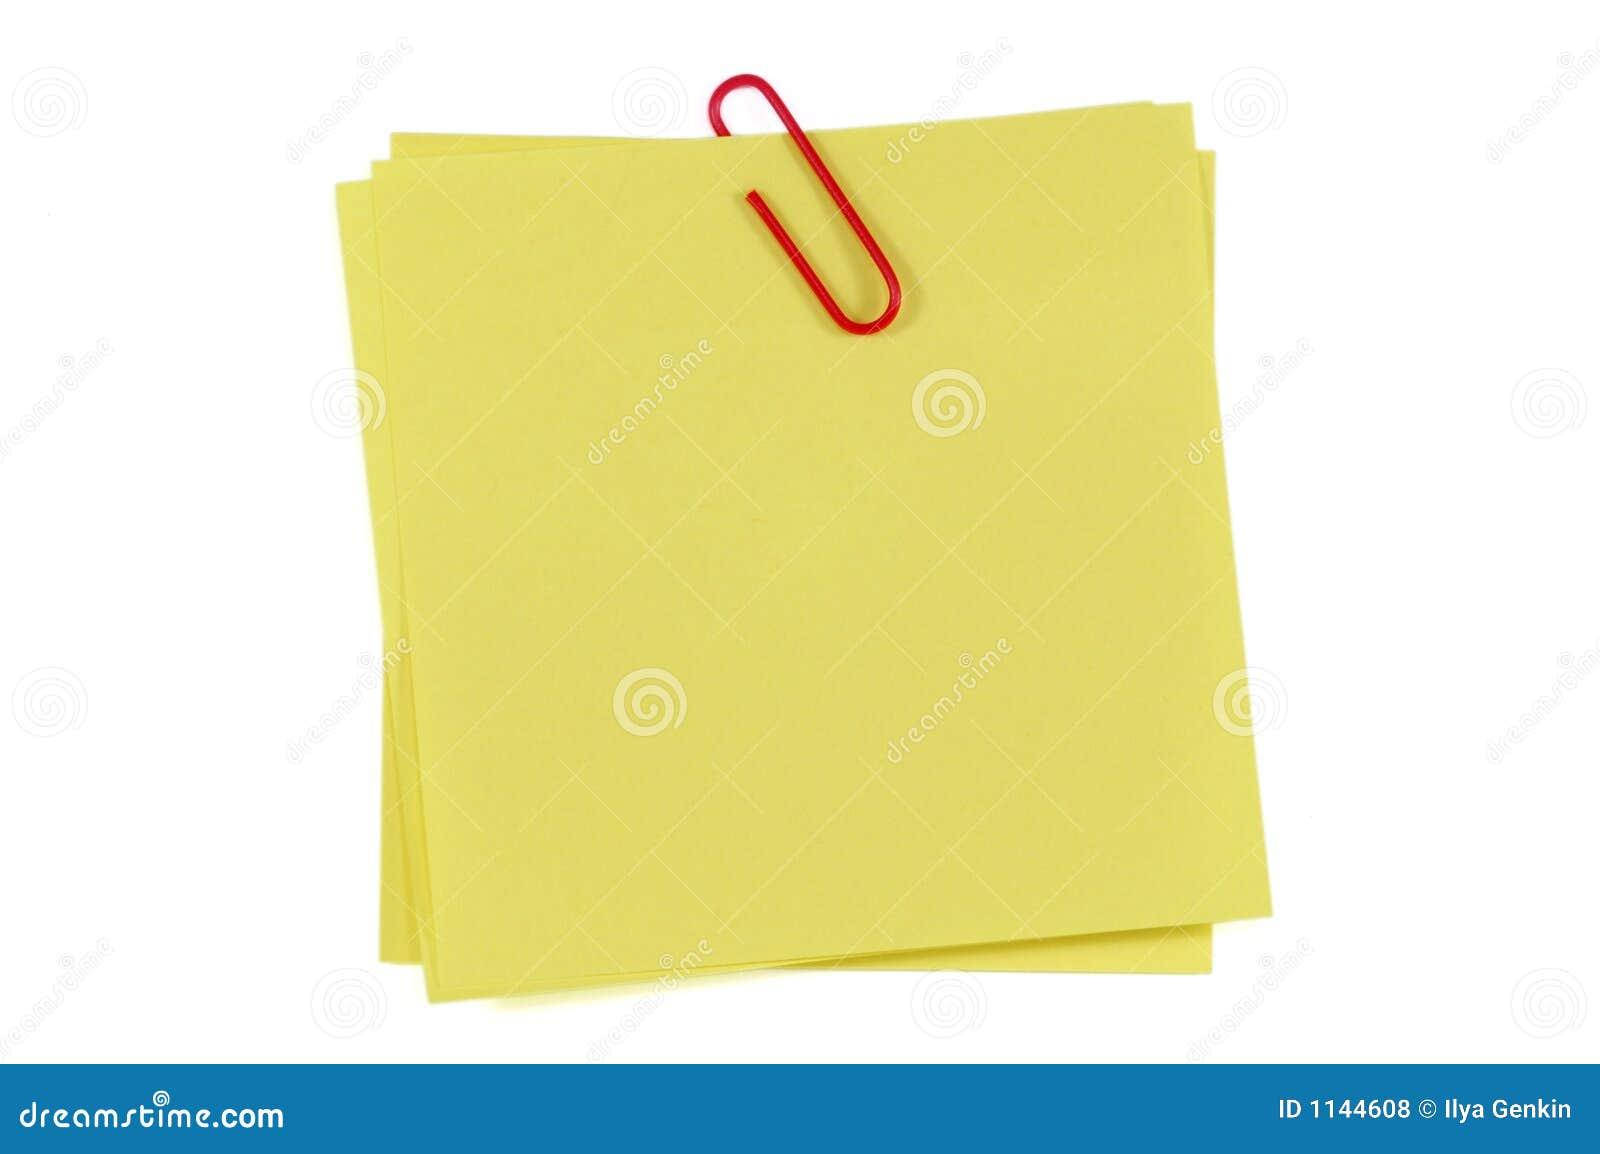 Photos libres de droits: Note et clip de post-it: http://fr.dreamstime.com/photos-libres-de-droits-note-et-clip-de-post-image1144608